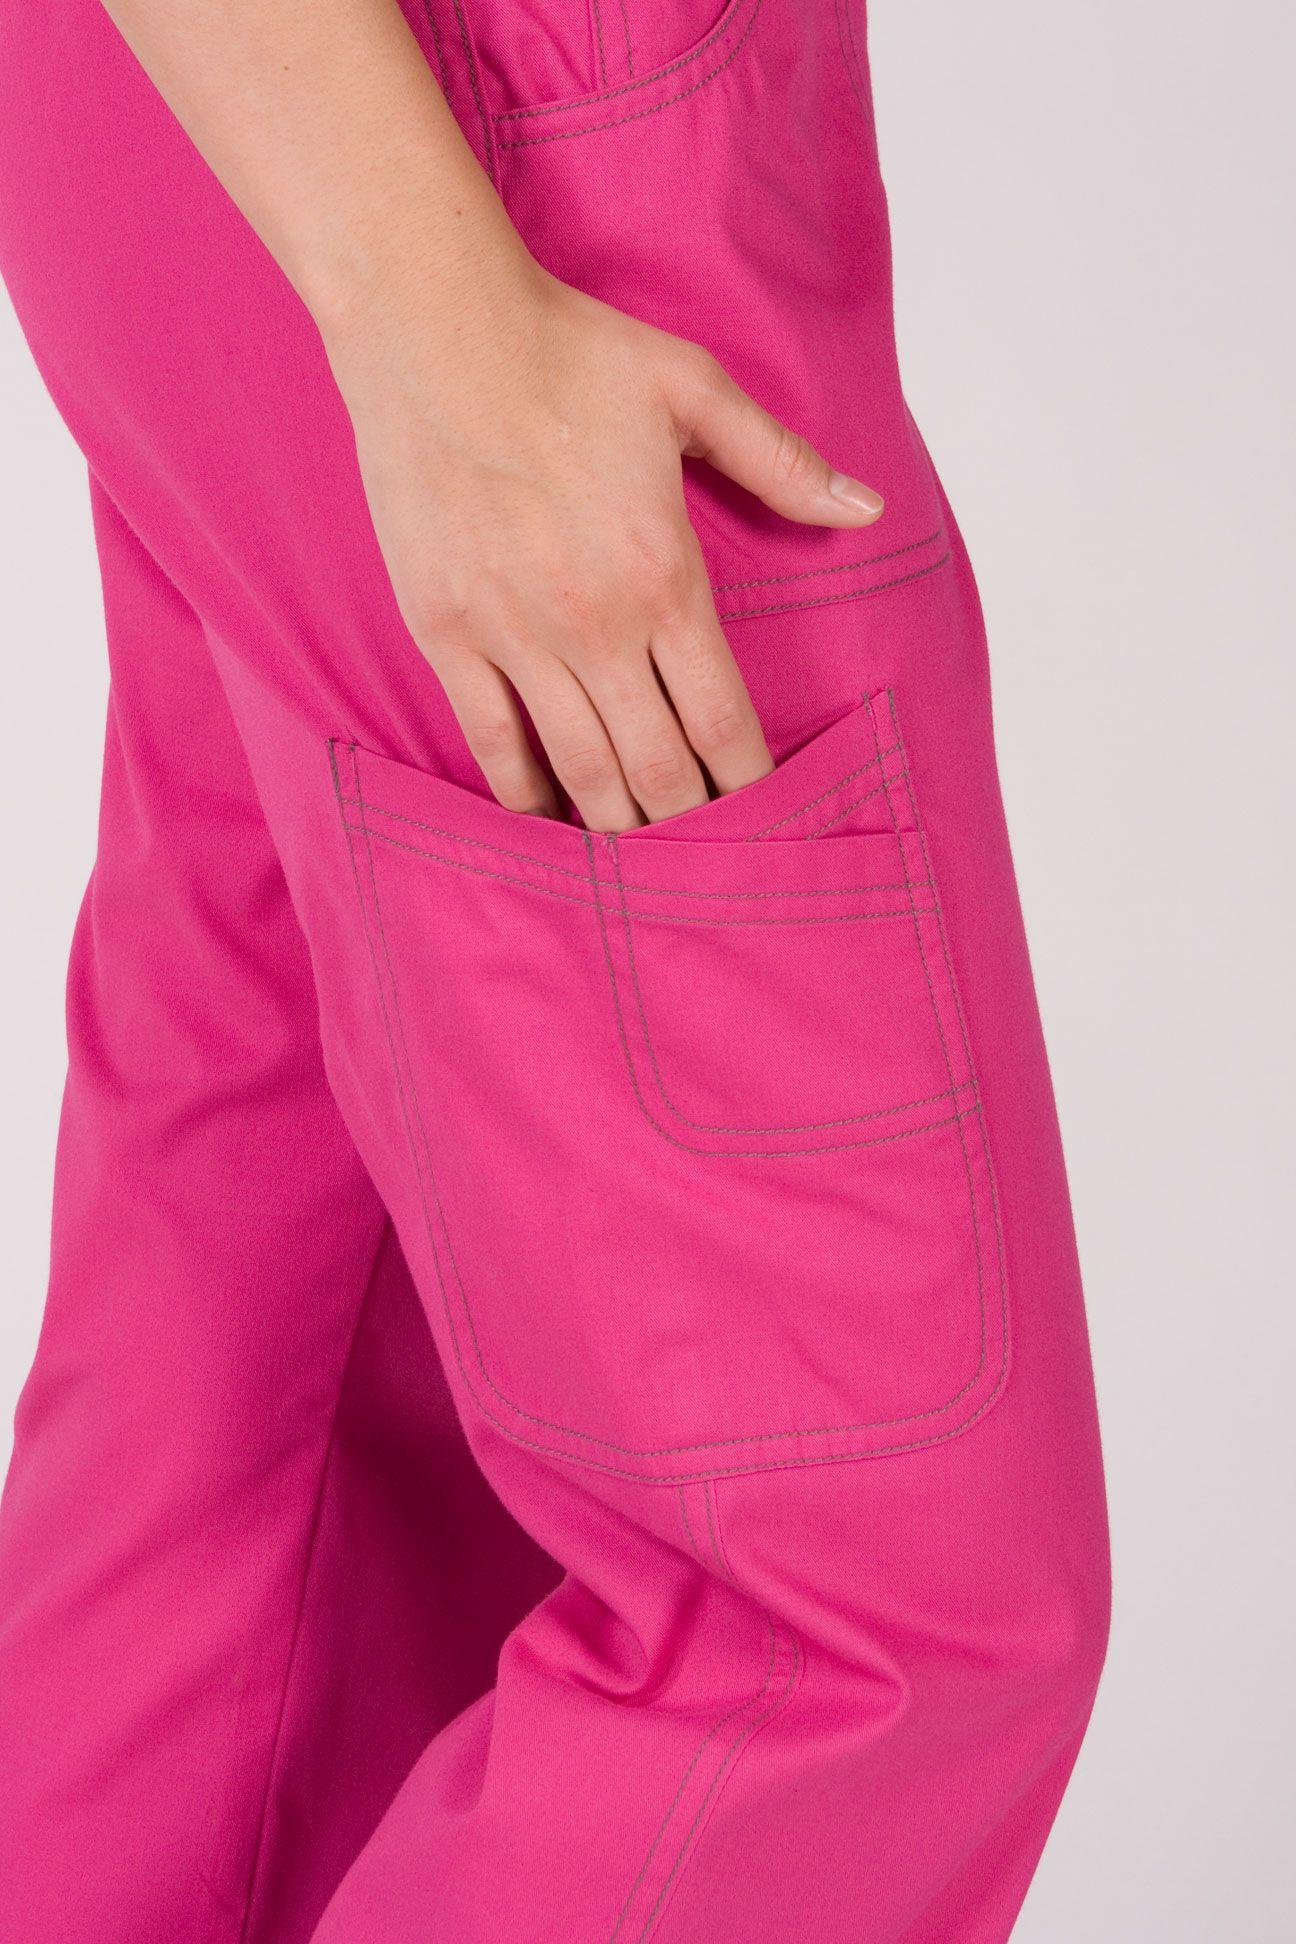 6a8513f2721100826c538d9f761f5e9f Jpg 1296 1944 Nursing Fashion Scrub Style Moda Casual